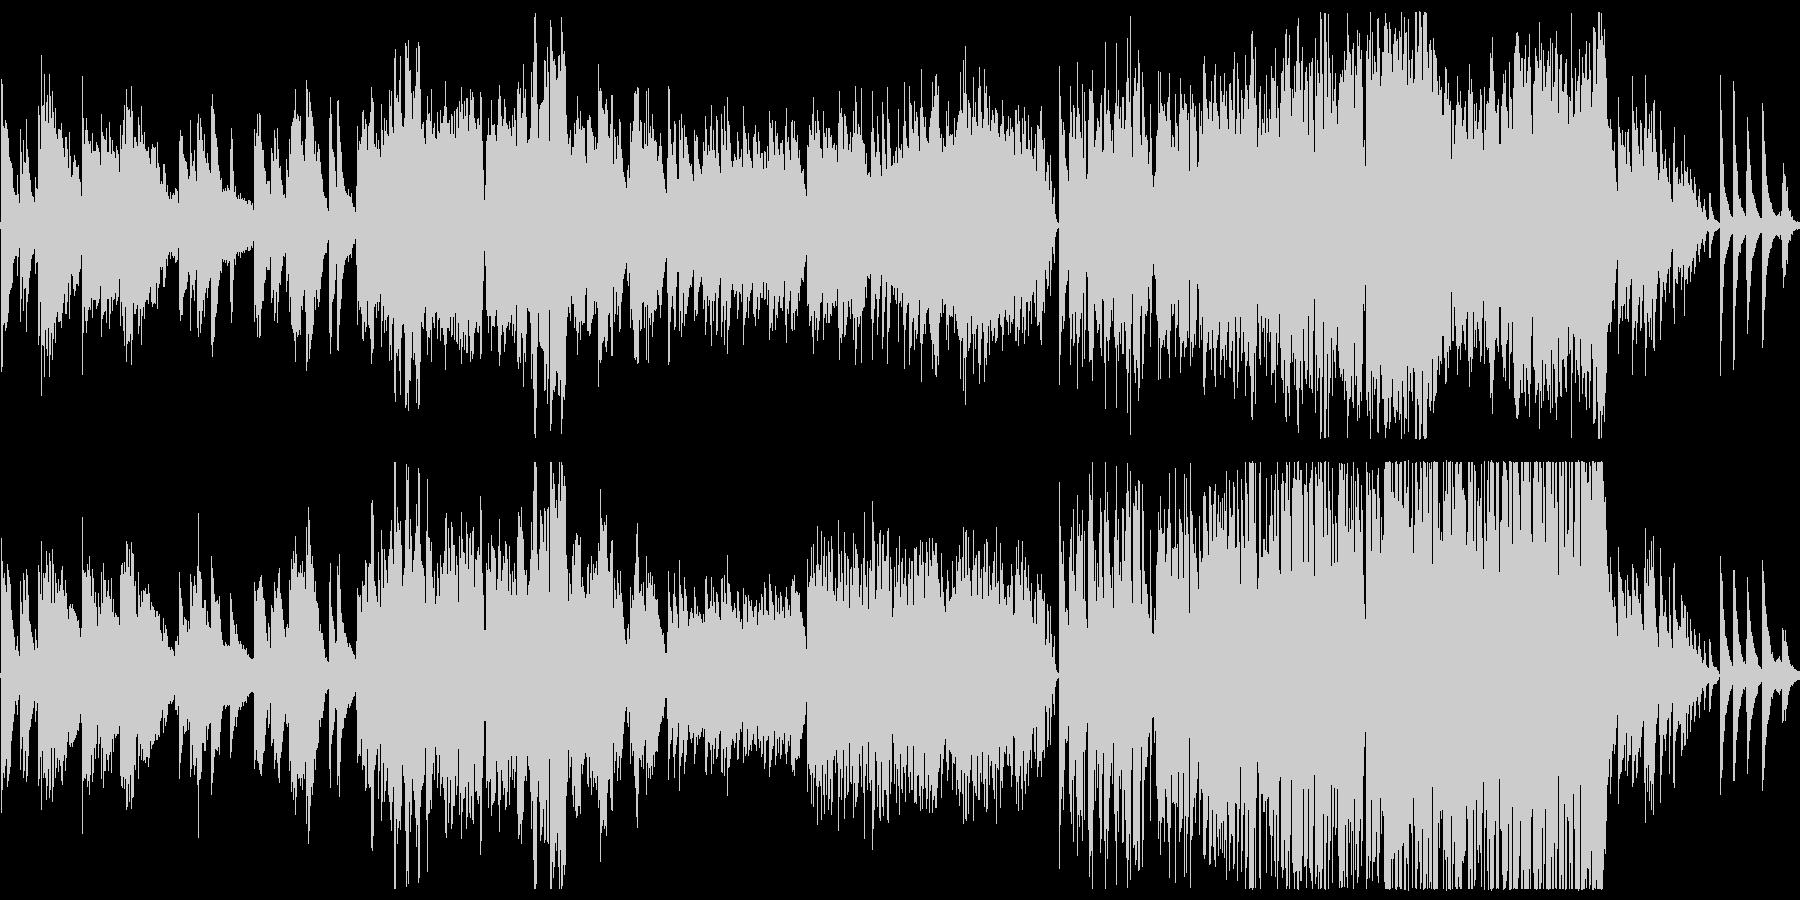 童謡の「ふるさと」インスト曲アレンジの未再生の波形